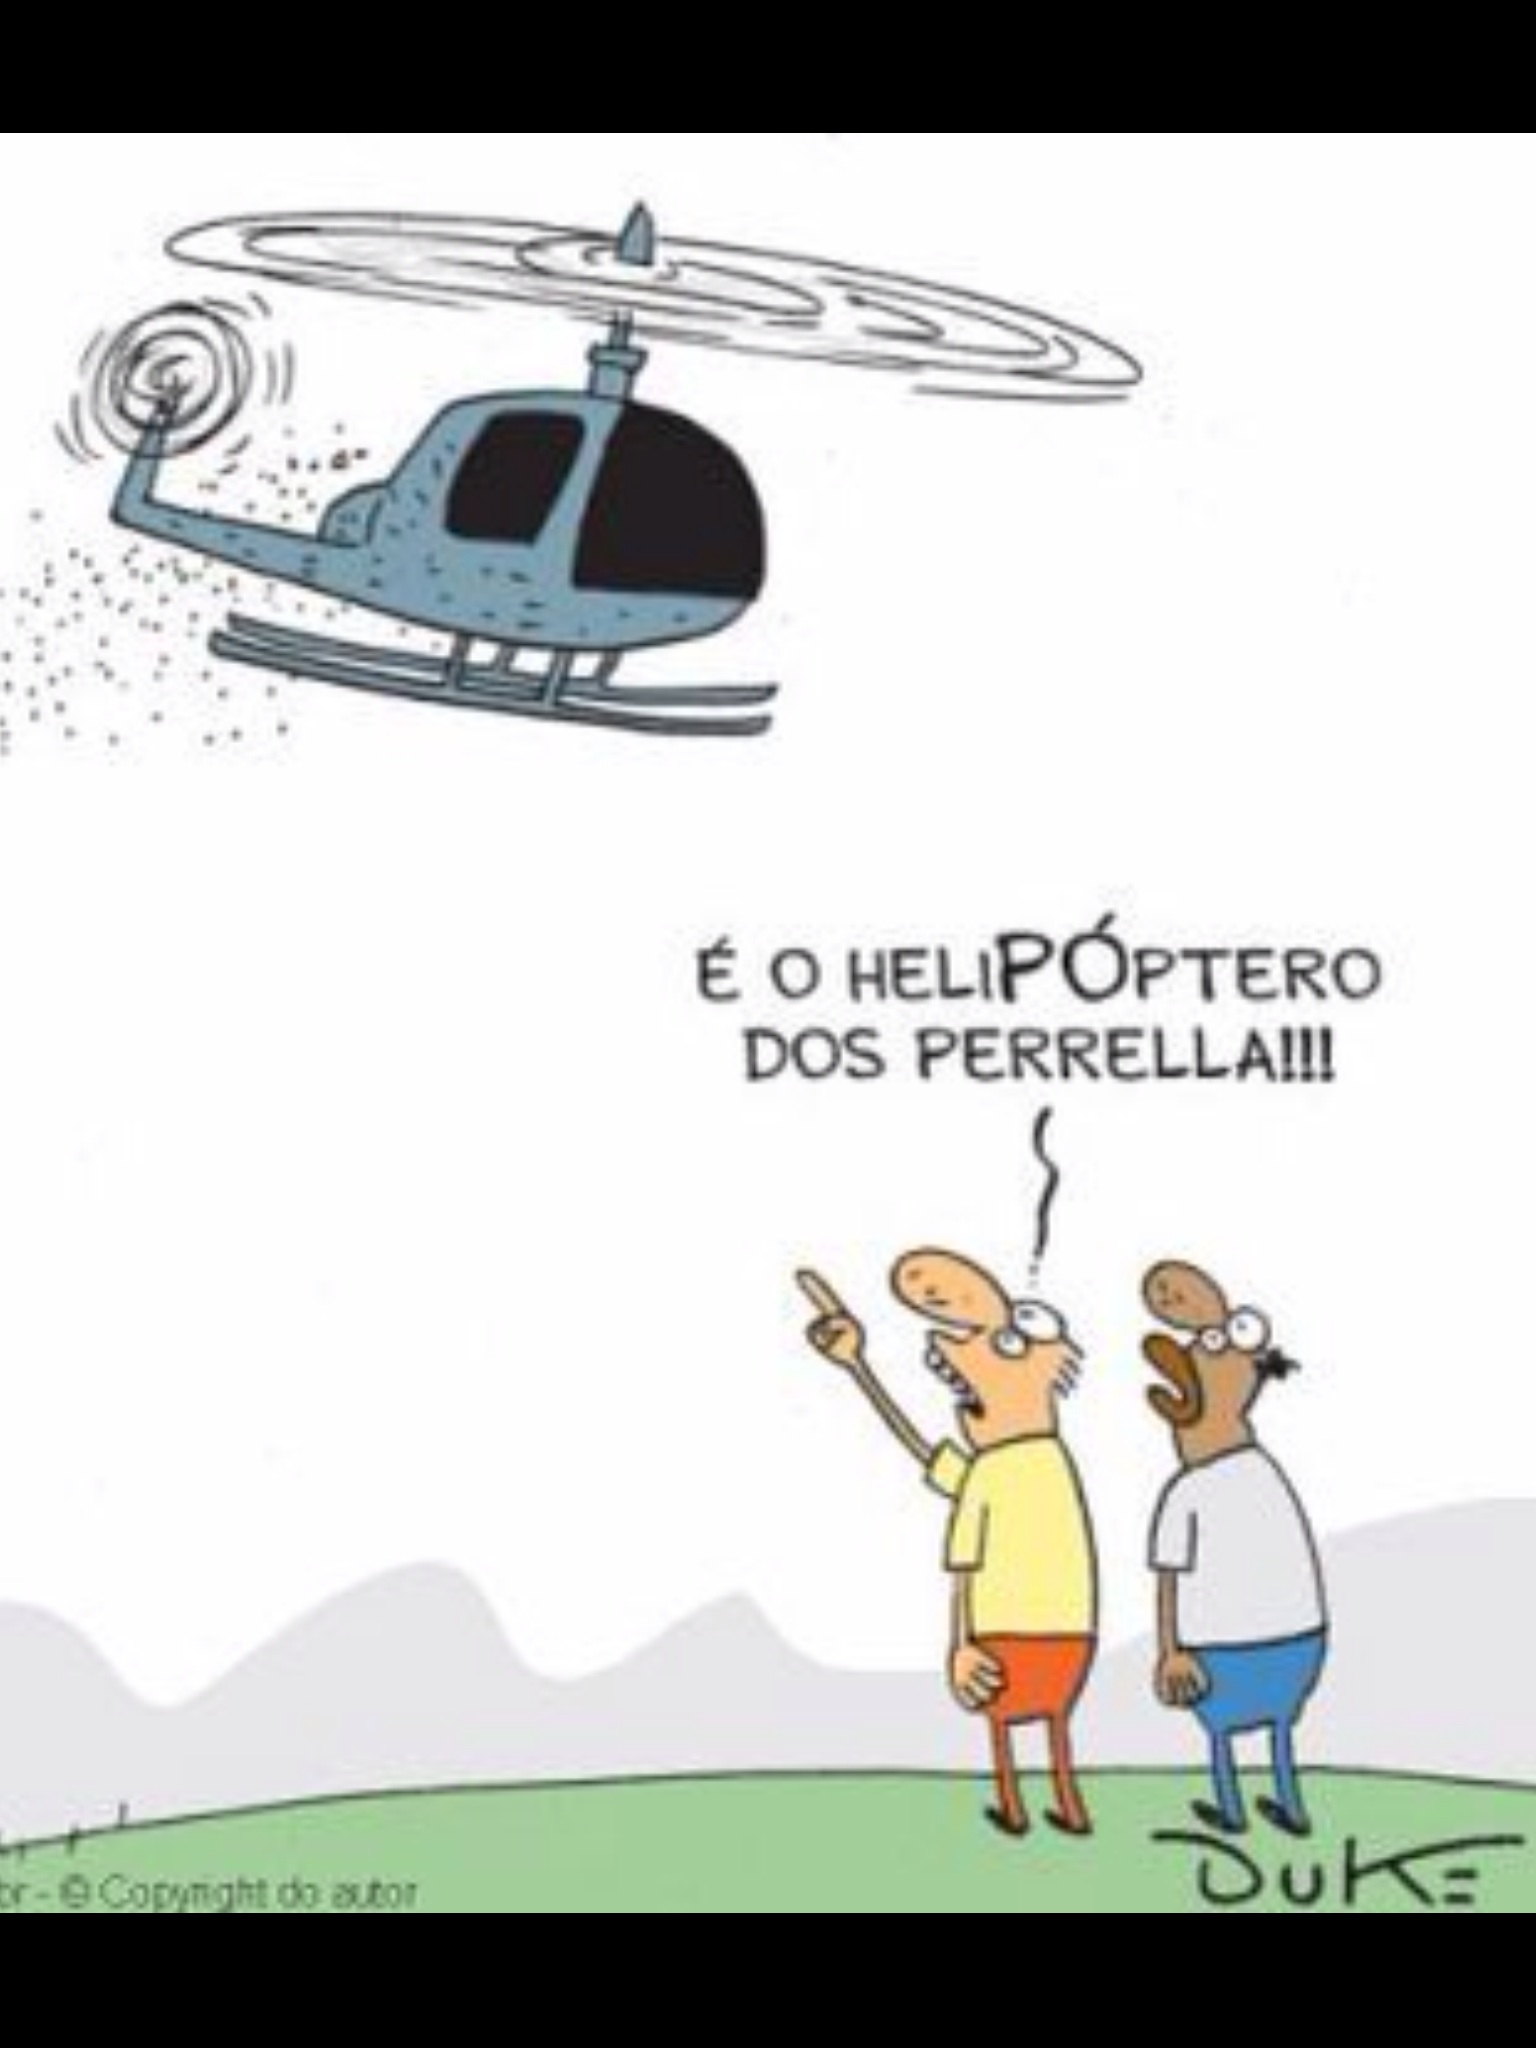 450 kg de cocaína no helicóptero do senador Zezé Perrella ...